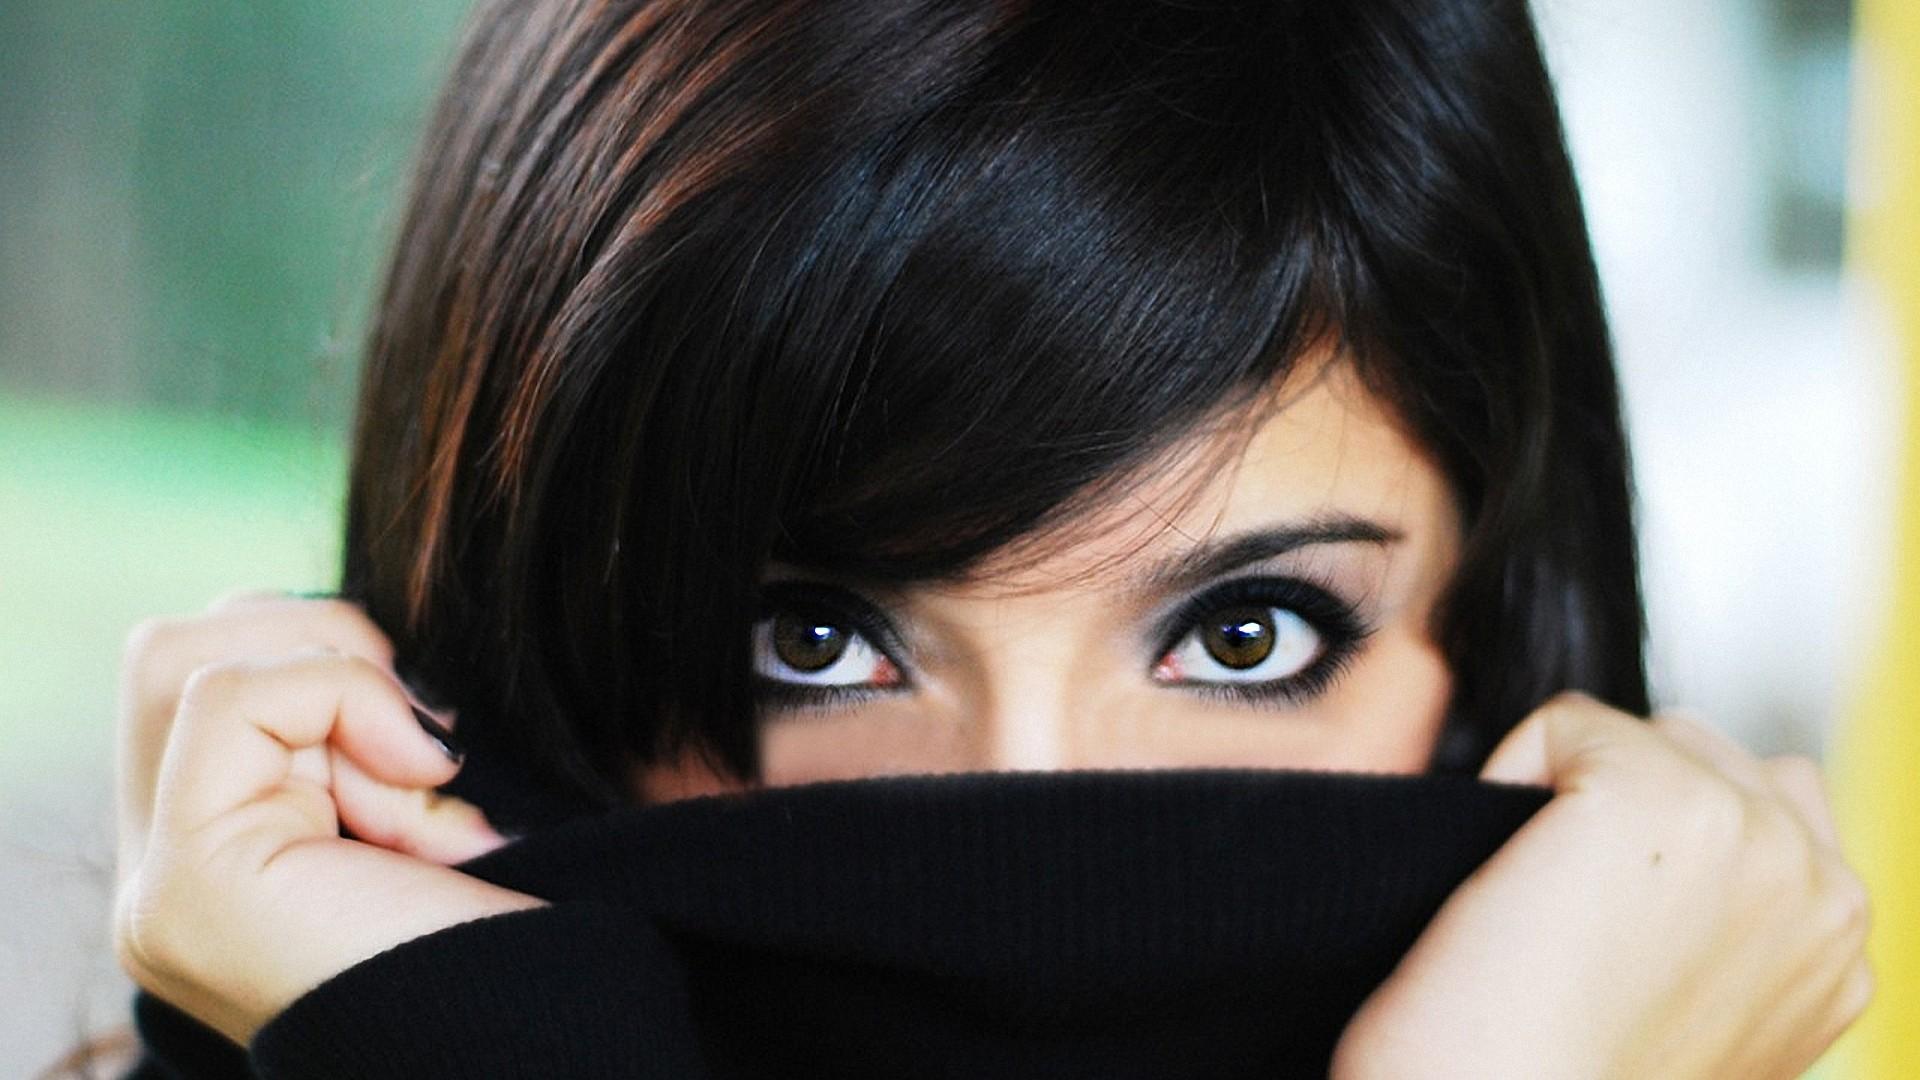 Способы удаления волос на лице: домашние методы и салонные процедуры